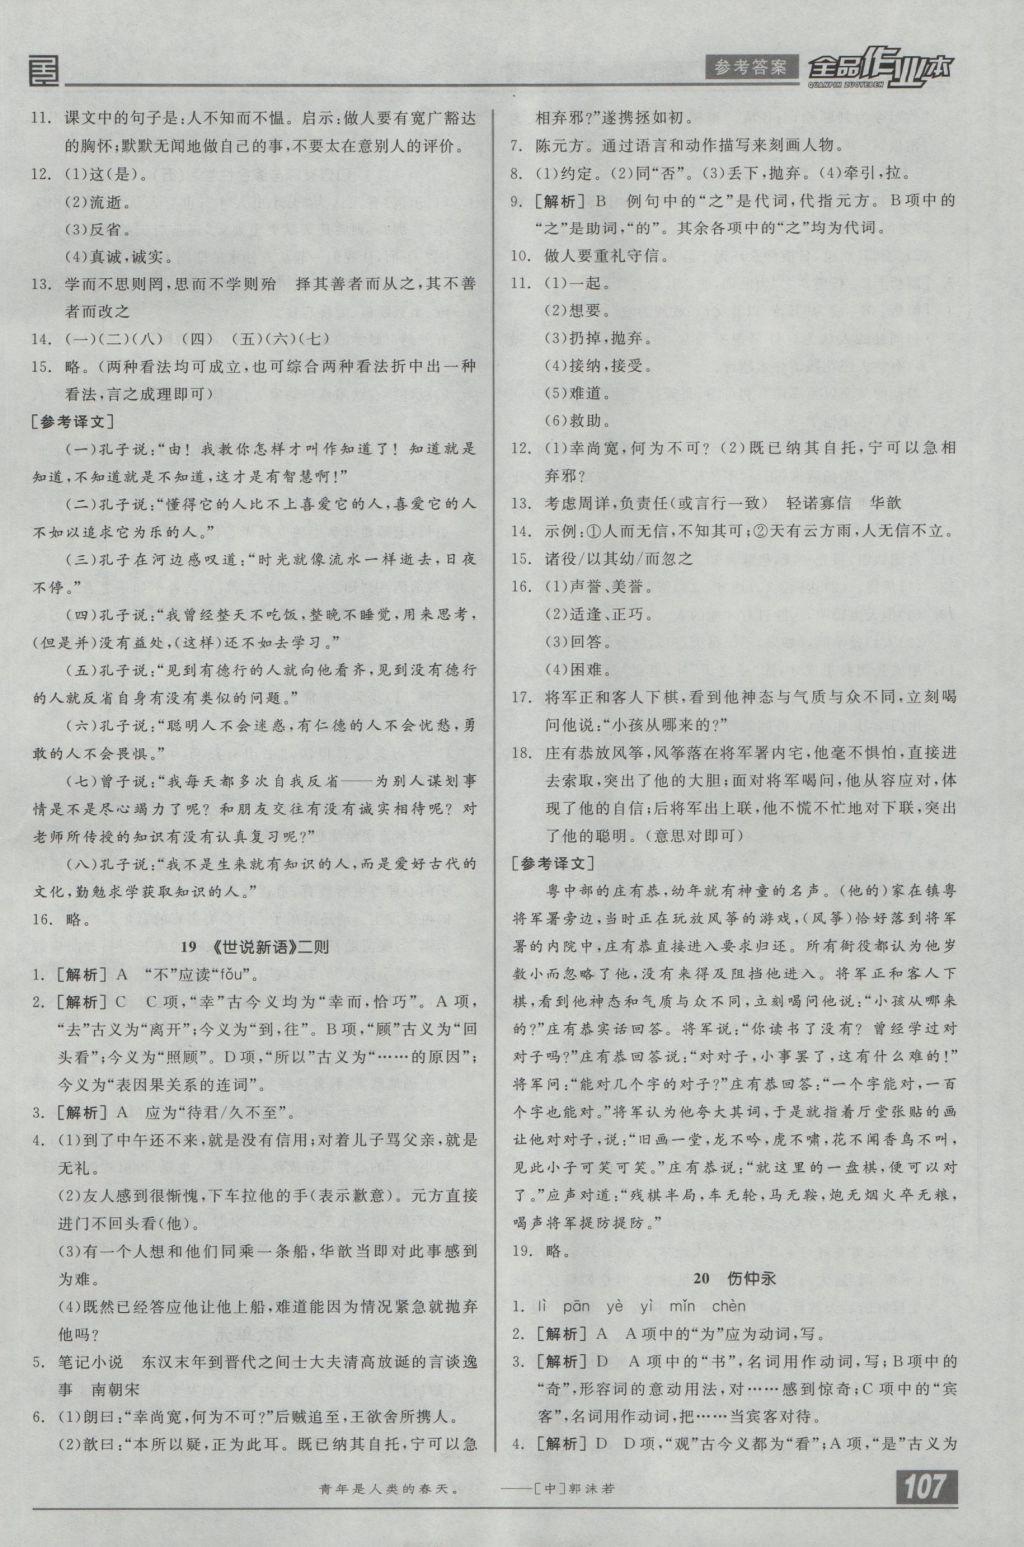 2016年全品作业本七年级语文上册语文版参考答案第9页